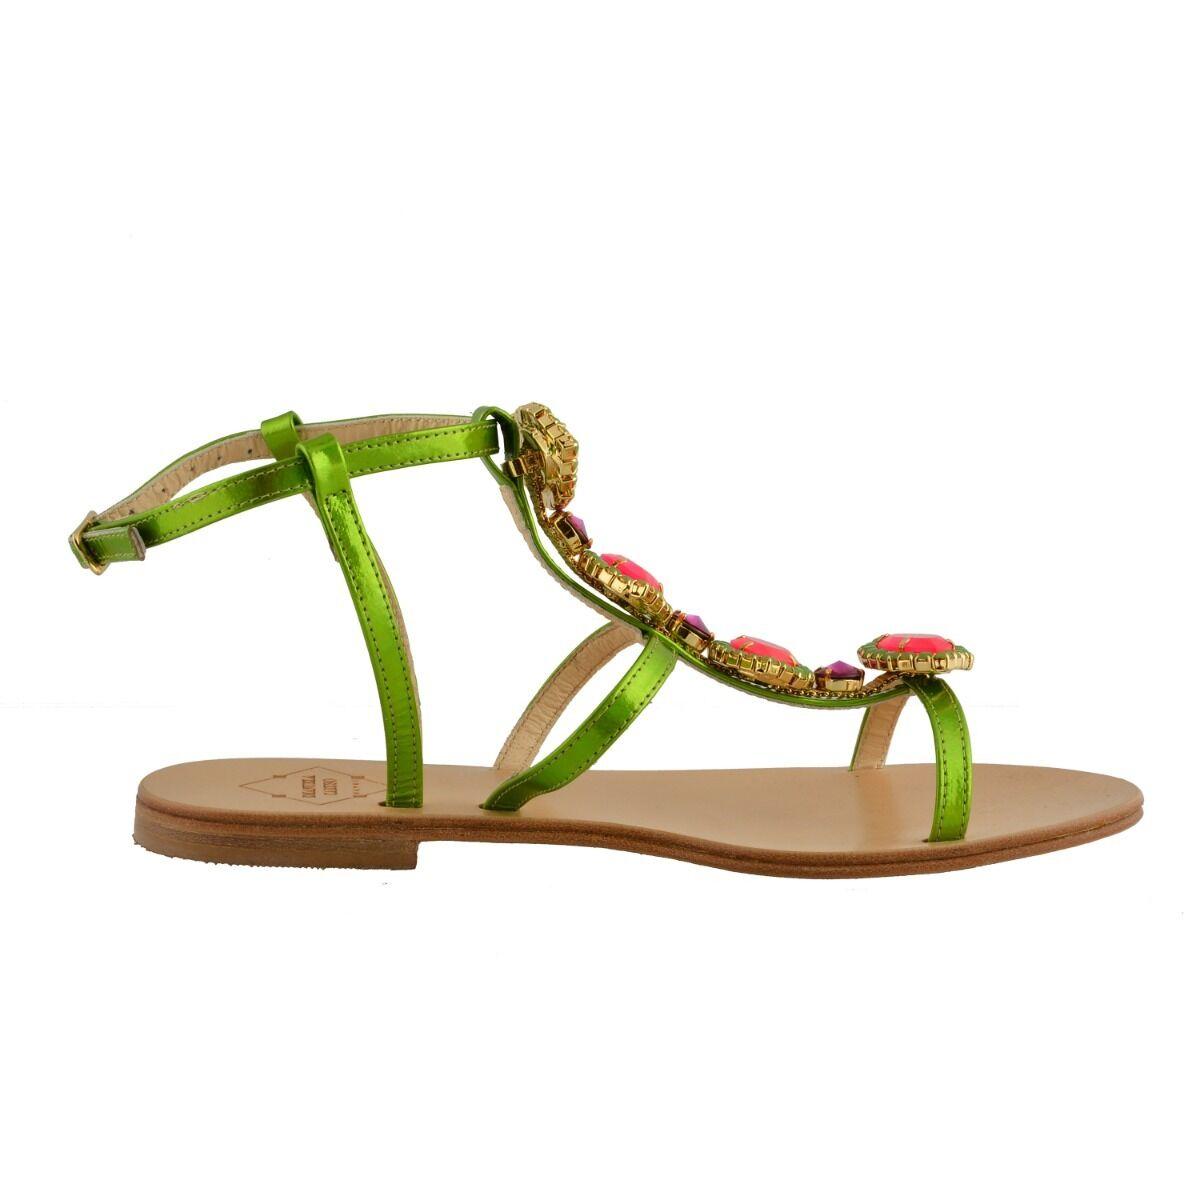 Emanuela Caruso Caruso Caruso Capri femme pierres Décoré Sandales Plates Chaussures Taille 5 6 7 9 214511